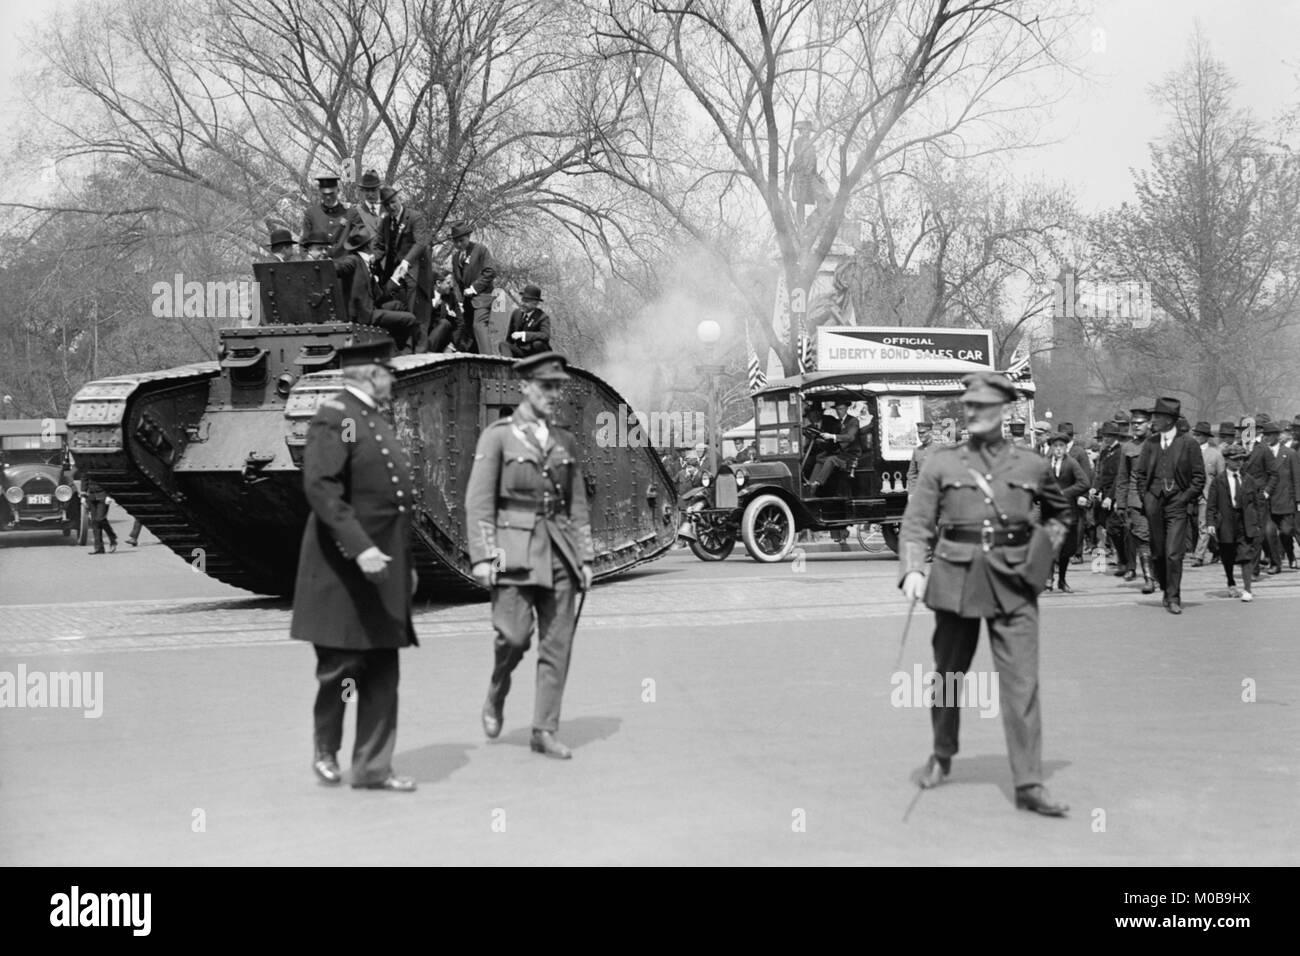 Défilé d'un tank dans une parade d'obligations Liberty Washington Photo Stock